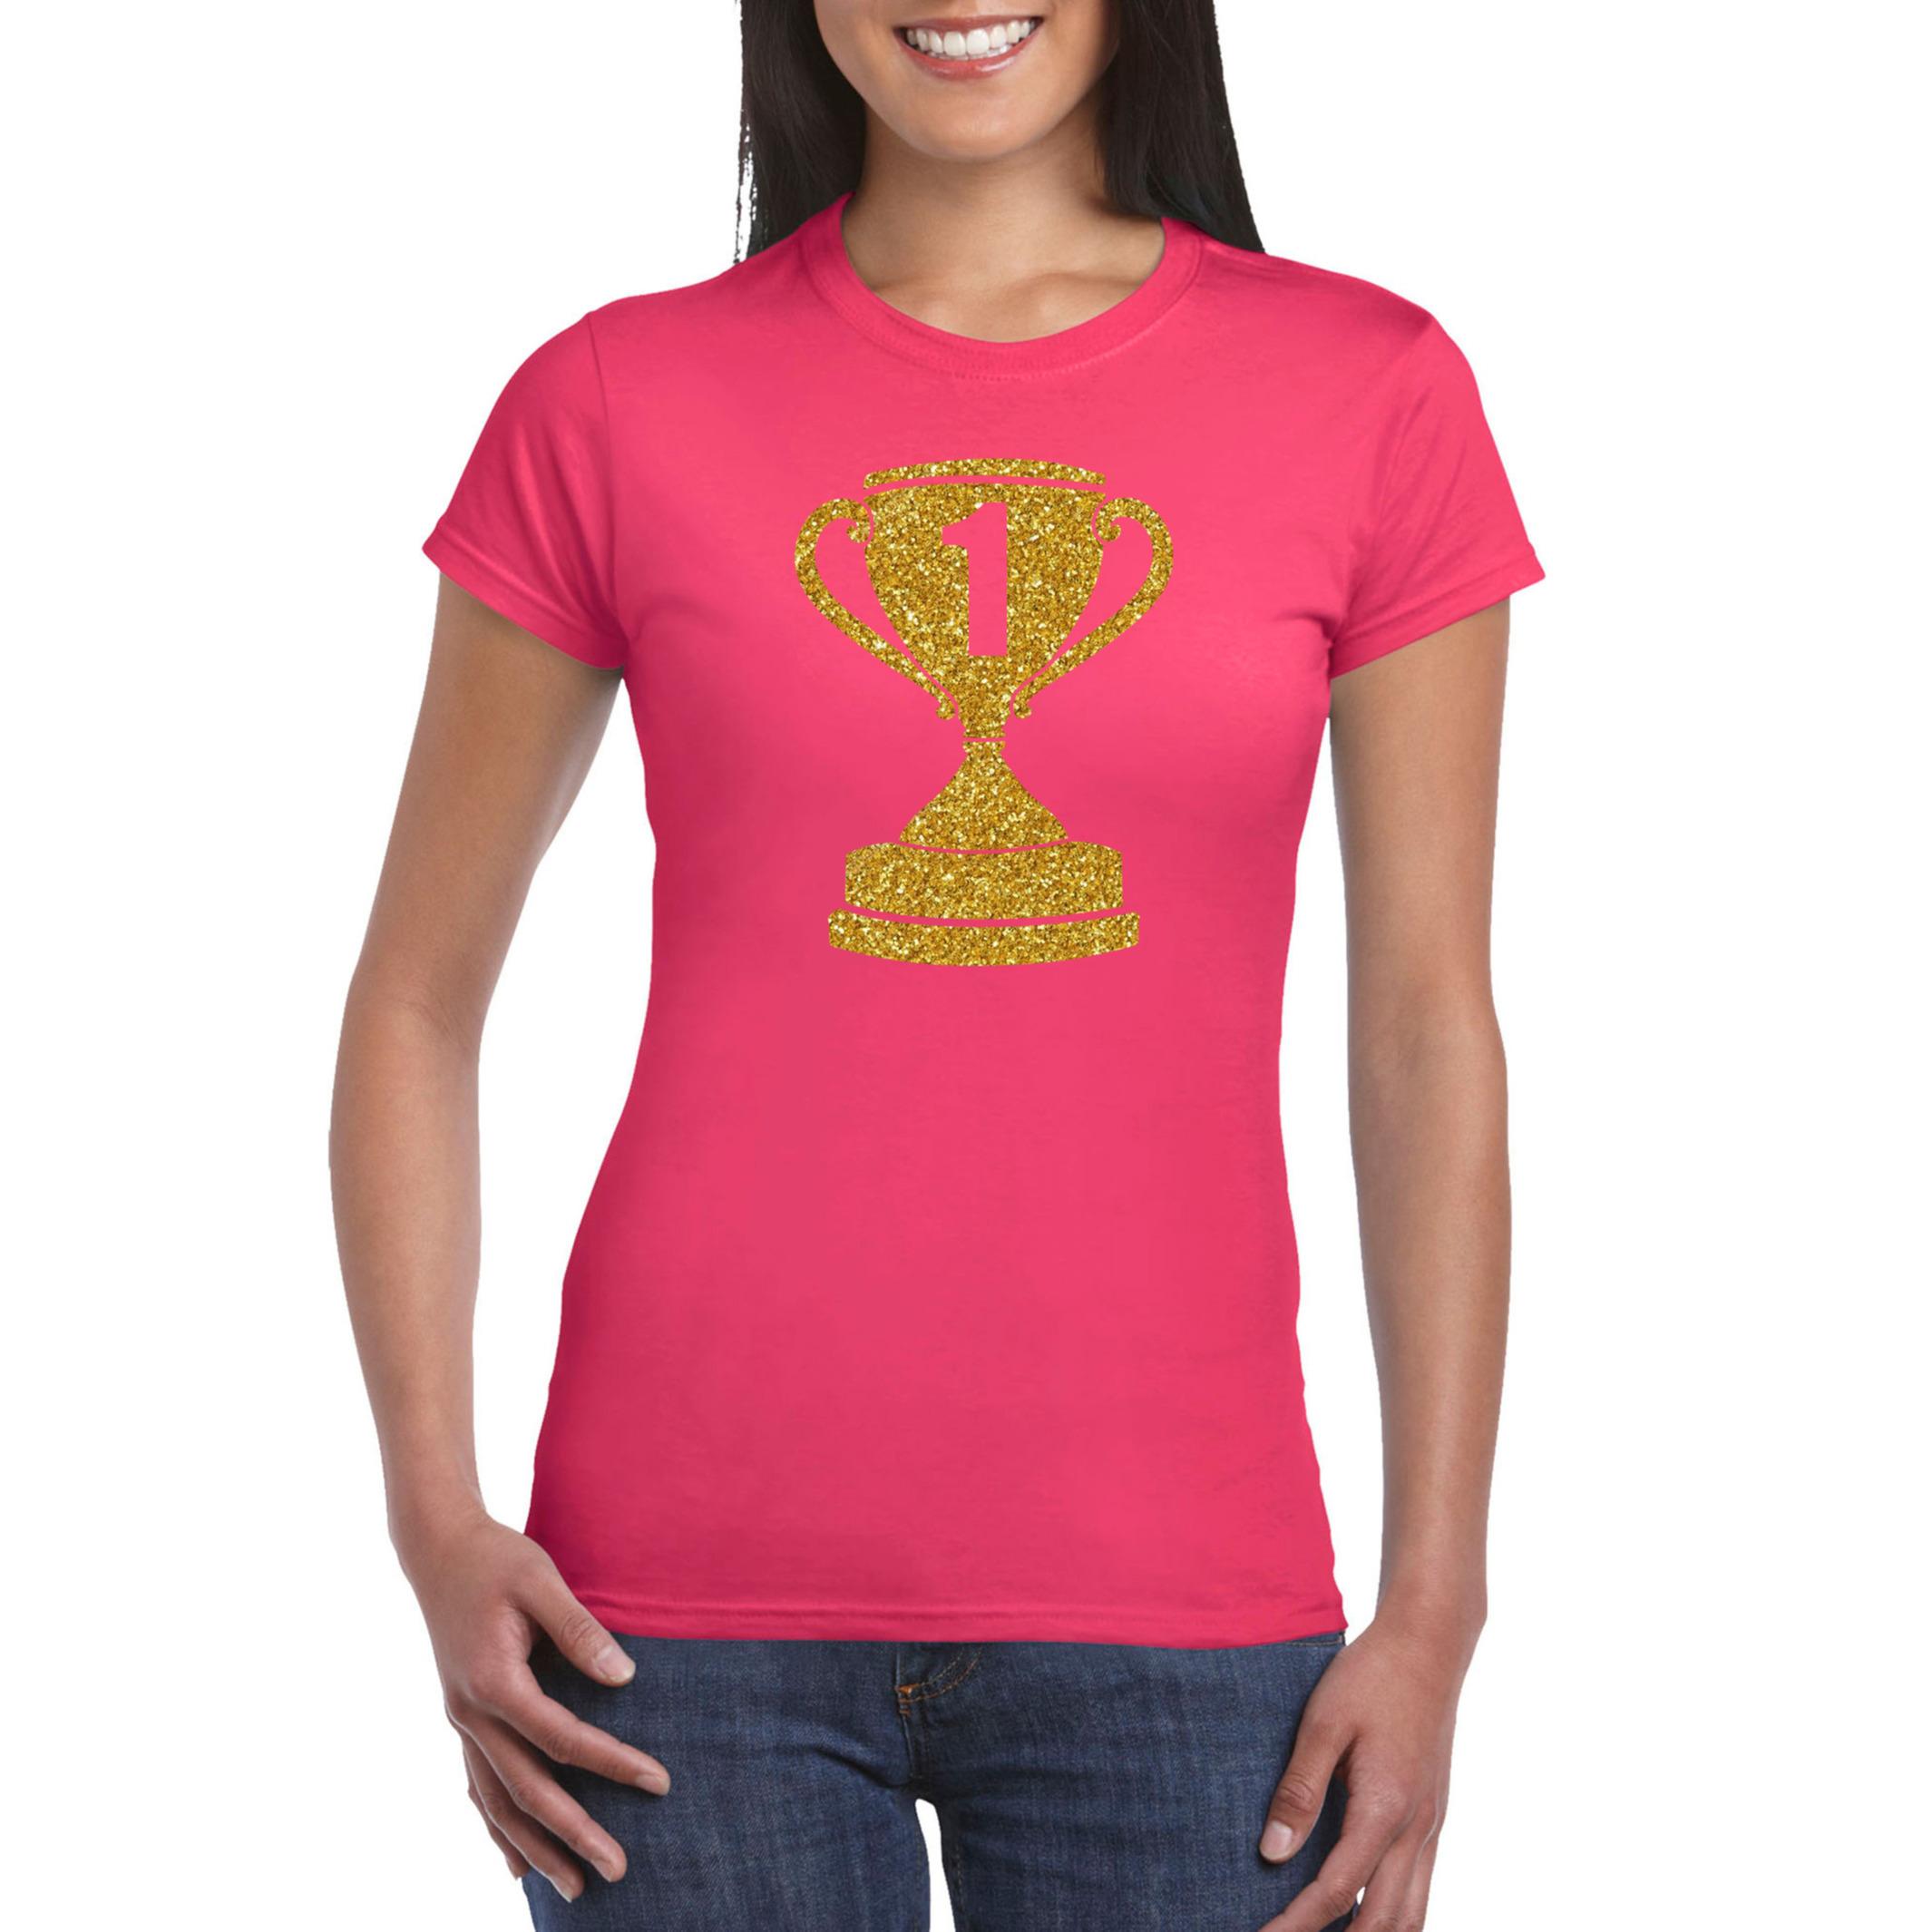 Gouden kampioens beker - nummer 1 t-shirt - kleding roze dames